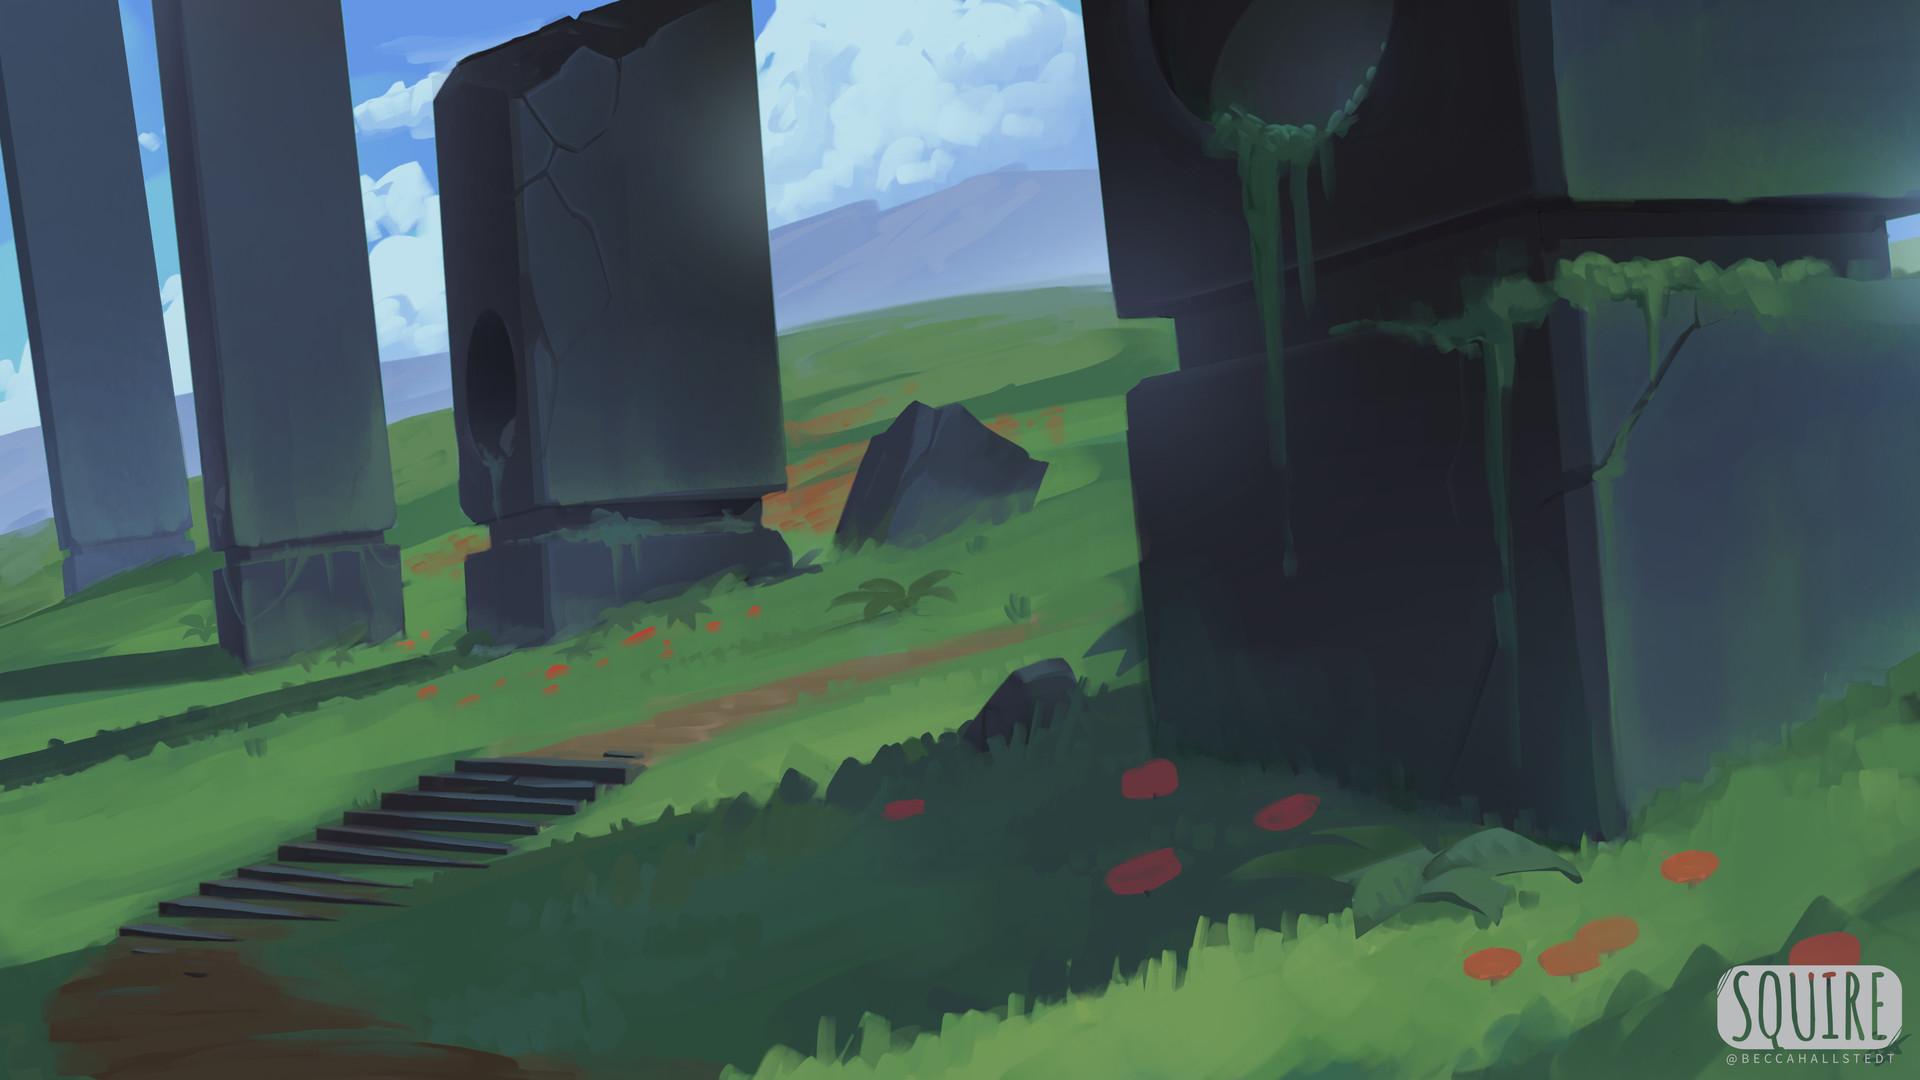 becca-hallstedt-field-ruins.jpg